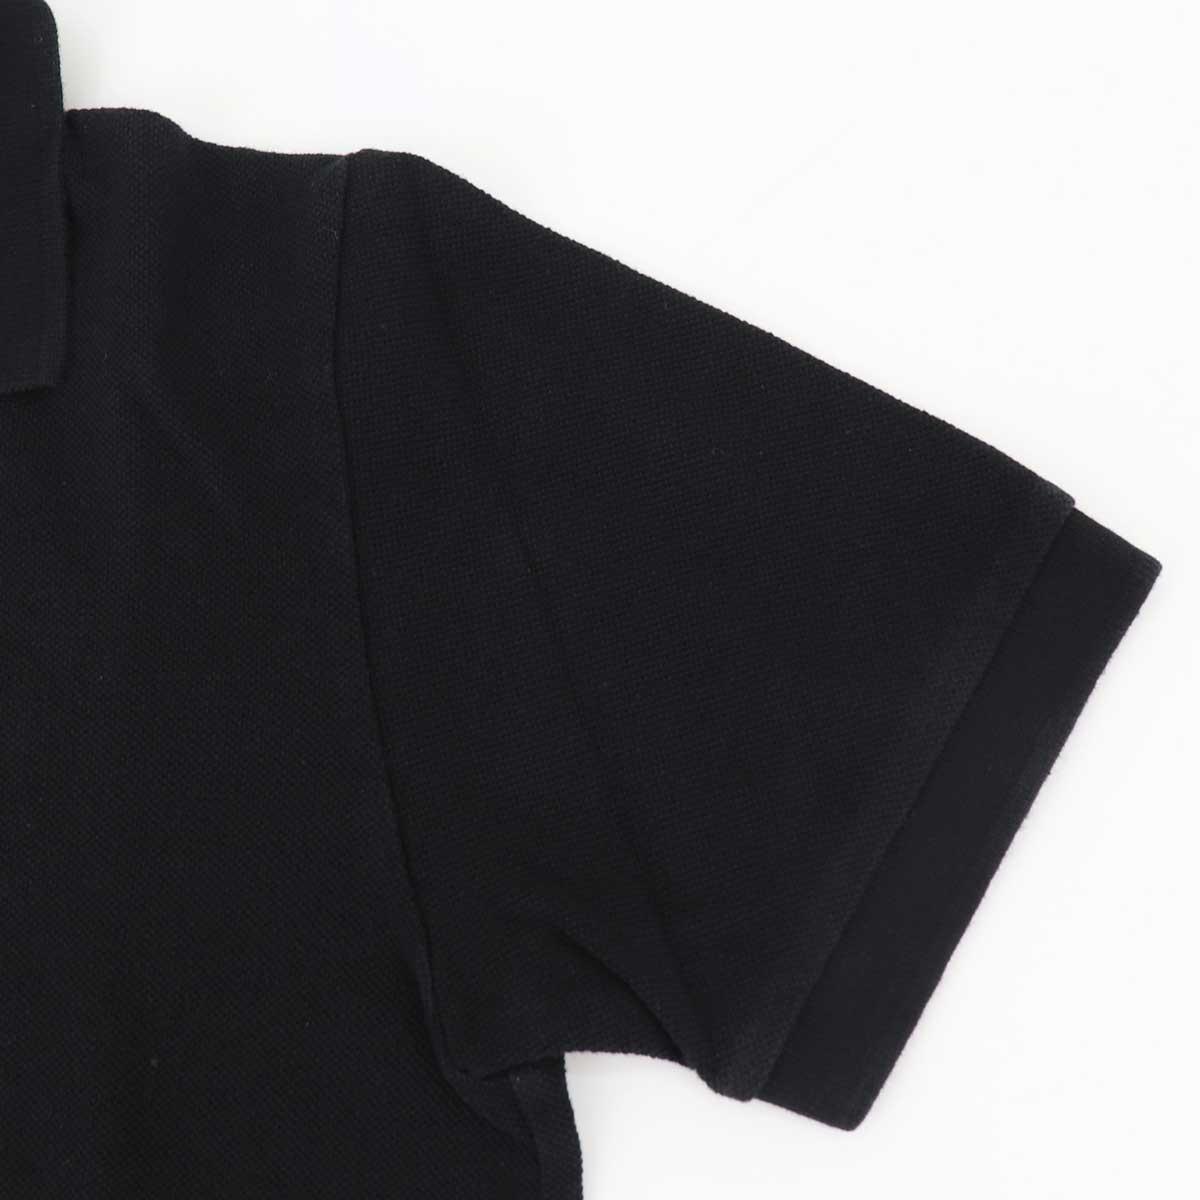 【クリアランスセール】スウィープ!! ロサンゼルス SWEEP!! LosAngeles メンズ コットン 鹿の子 半袖 ポロシャツ PIQUE POLO SWPQPL-16 BLACK(ブラック)【返品交換不可】